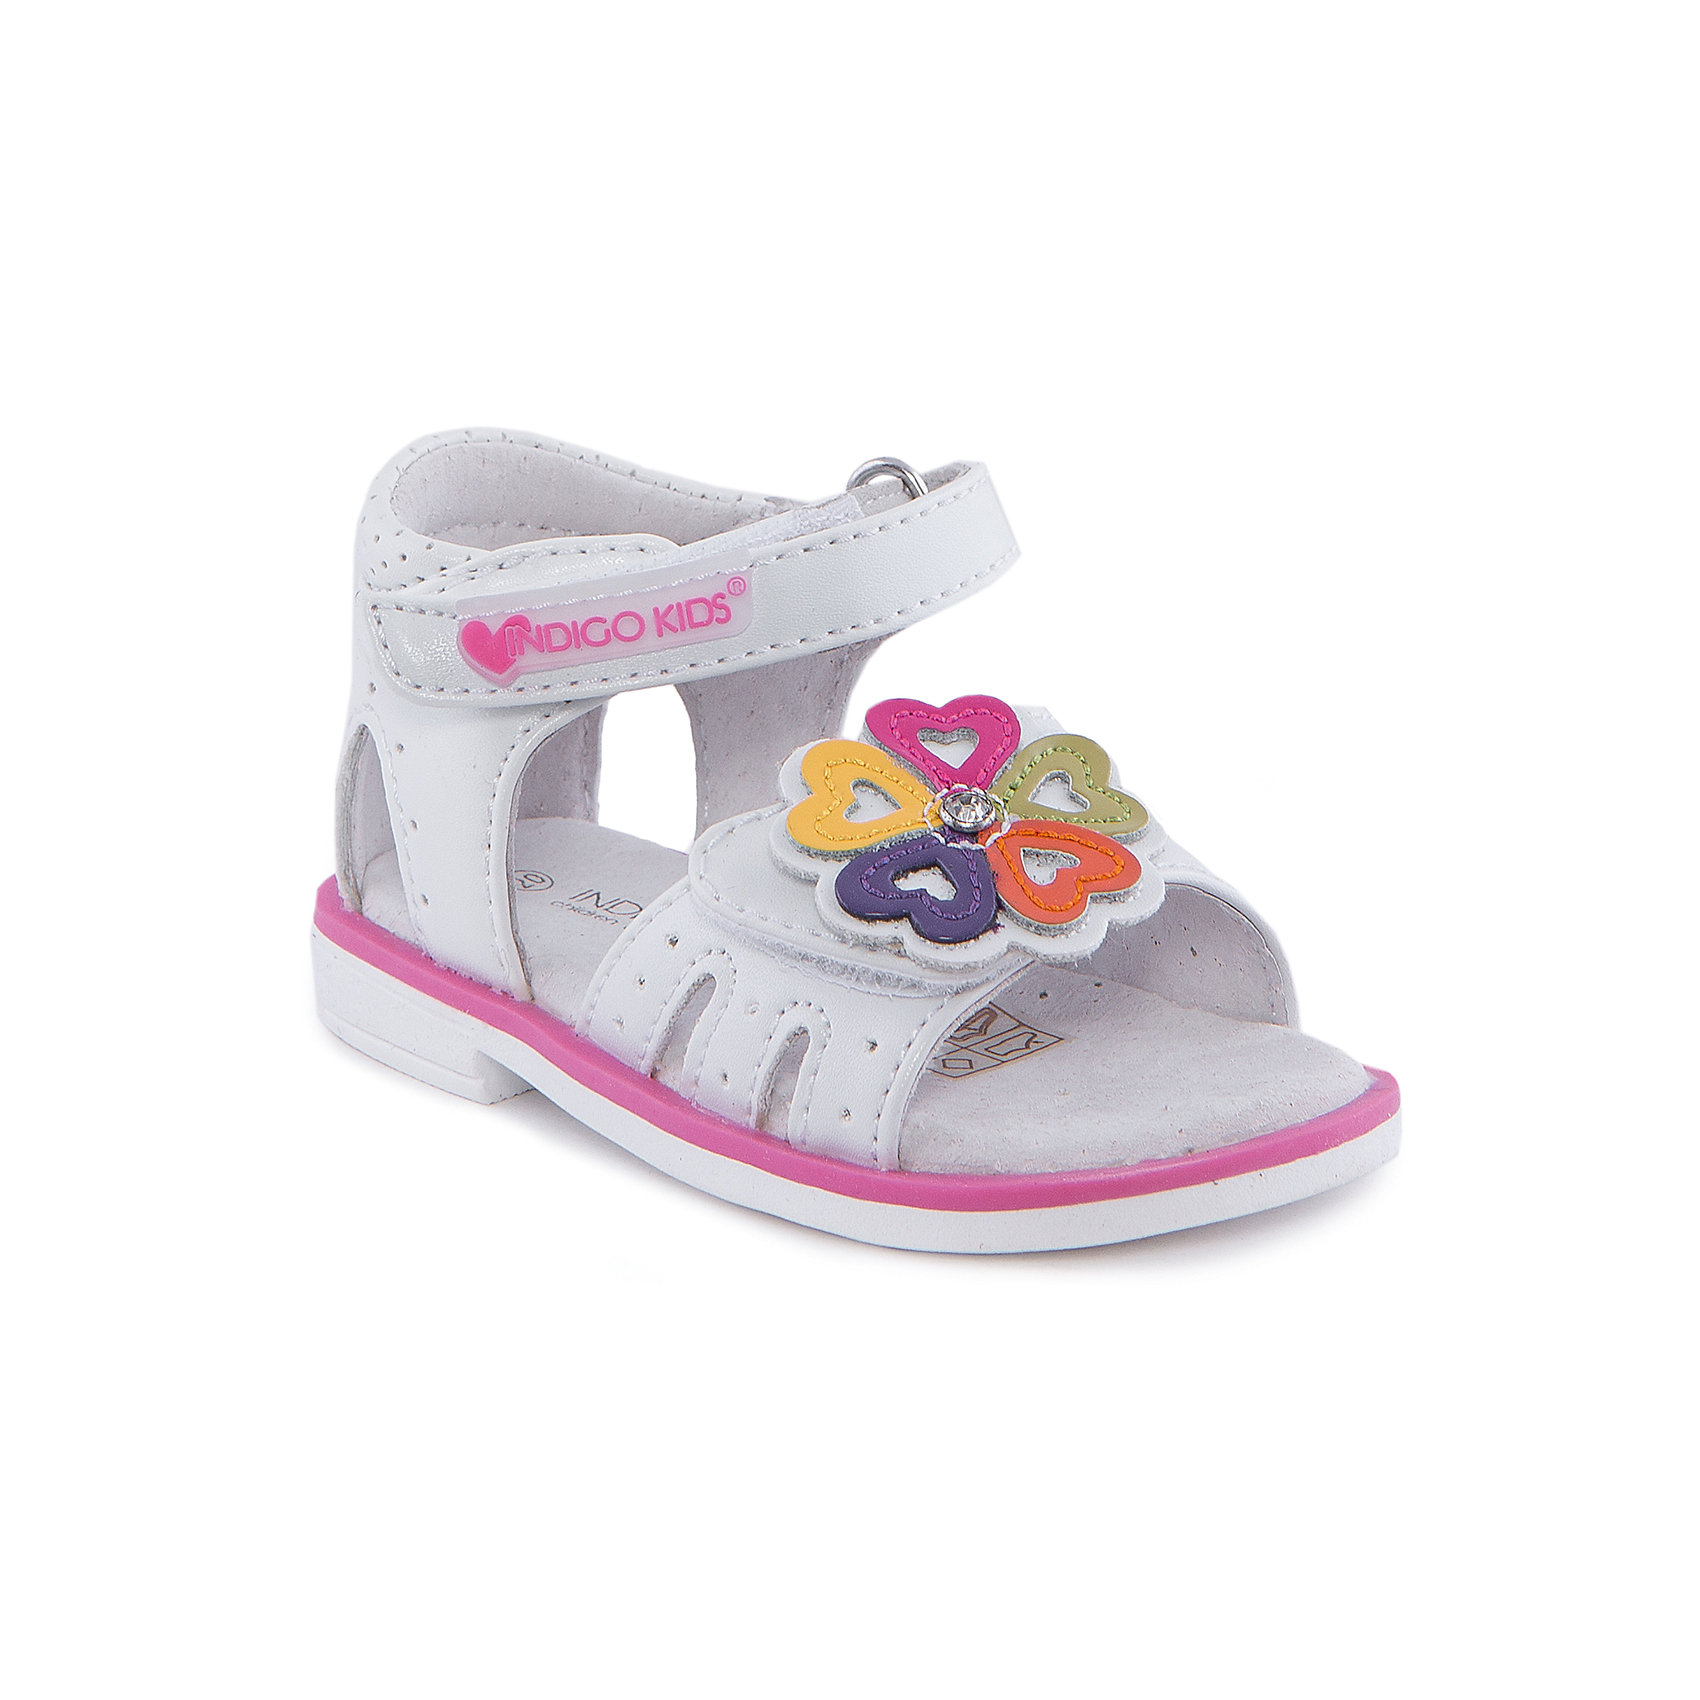 Сандалии для девочки Indigo kidsСандалии для девочки от известного бренда Indigo kids<br><br>Модные сандалии позволяют ножкам ребенка свободно дышать. Они легко надеваются и комфортно садятся по ноге. Оригинальный дизайн и качественное исполнение выделяют такую обувь из общего ряда новых моделей для этого сезона.<br><br>Особенности модели:<br><br>- цвет - белый;<br>- стильный дизайн;<br>- удобная колодка;<br>- кожаная стелька;<br>- украшены стразами и яркими деталями;<br>- устойчивая подошва;<br>- застежки: липучки.<br><br>Дополнительная информация:<br><br>Состав:<br><br>верх – искусственная кожа;<br>подкладка -   натуральная кожа;<br>подошва - ТЭП.<br><br>Сандалии для девочки Indigo kids (Индиго Кидс) можно купить в нашем магазине.<br><br>Ширина мм: 219<br>Глубина мм: 154<br>Высота мм: 121<br>Вес г: 343<br>Цвет: белый<br>Возраст от месяцев: 18<br>Возраст до месяцев: 21<br>Пол: Женский<br>Возраст: Детский<br>Размер: 23,22,24,25,21,20<br>SKU: 4582784